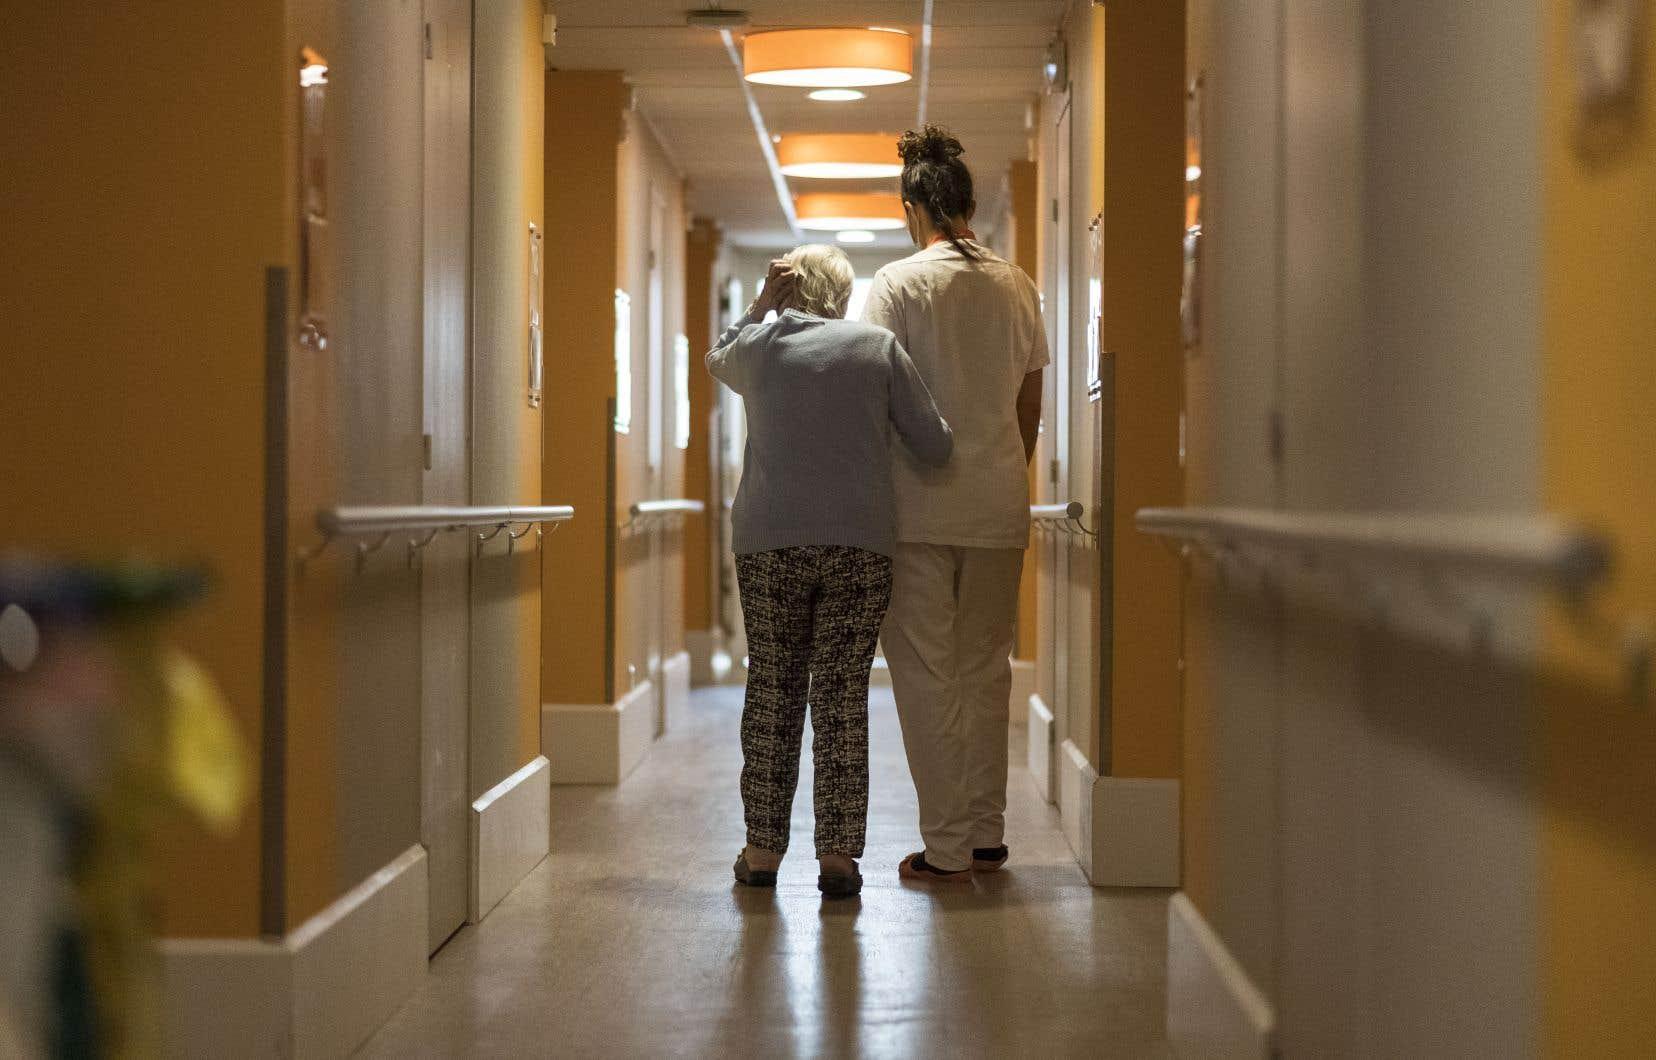 Le bilan de l'épidémie, en France, s'établit à 24087 morts depuis le 1ermars, dont 9034 dans les établissements sociaux et médico-sociaux, parmi lesquels les centres pour personnes âgées.